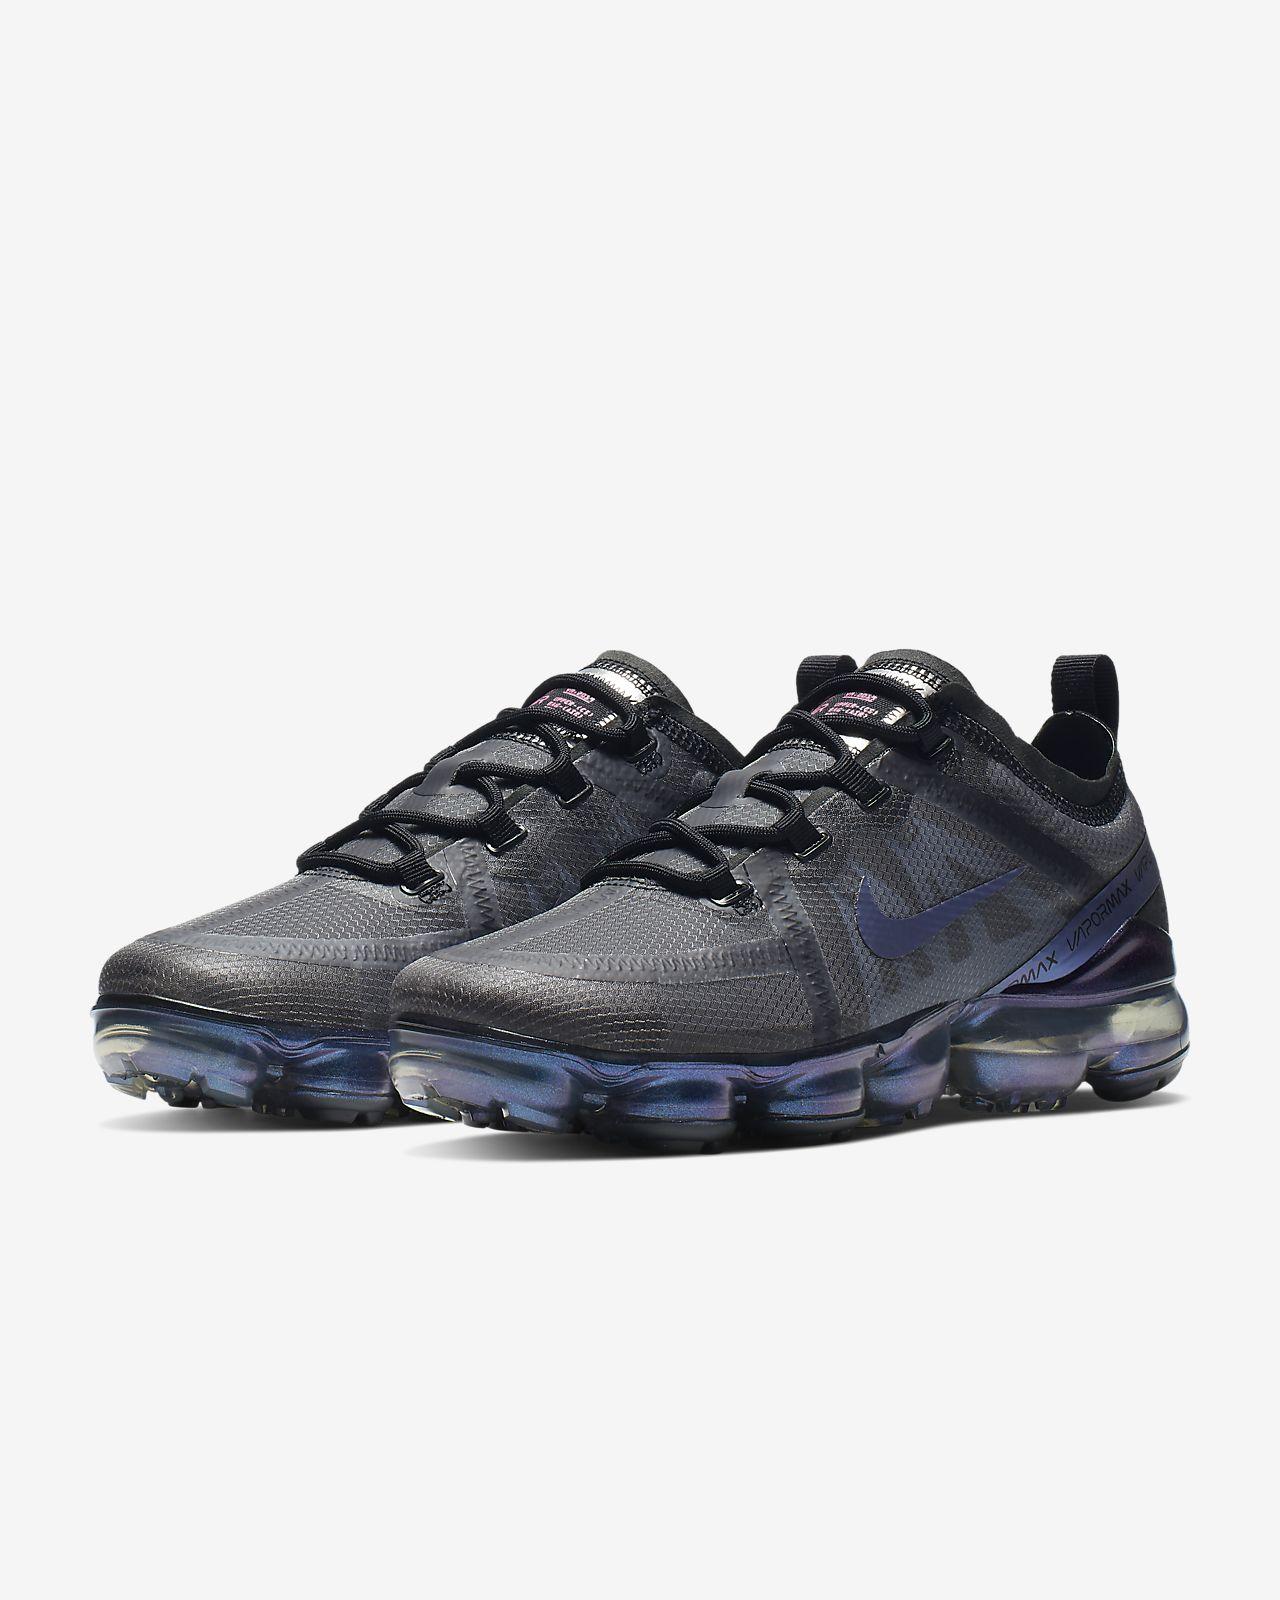 size 40 b6cda be8db ... Nike Air VaporMax 2019 Women s Shoe